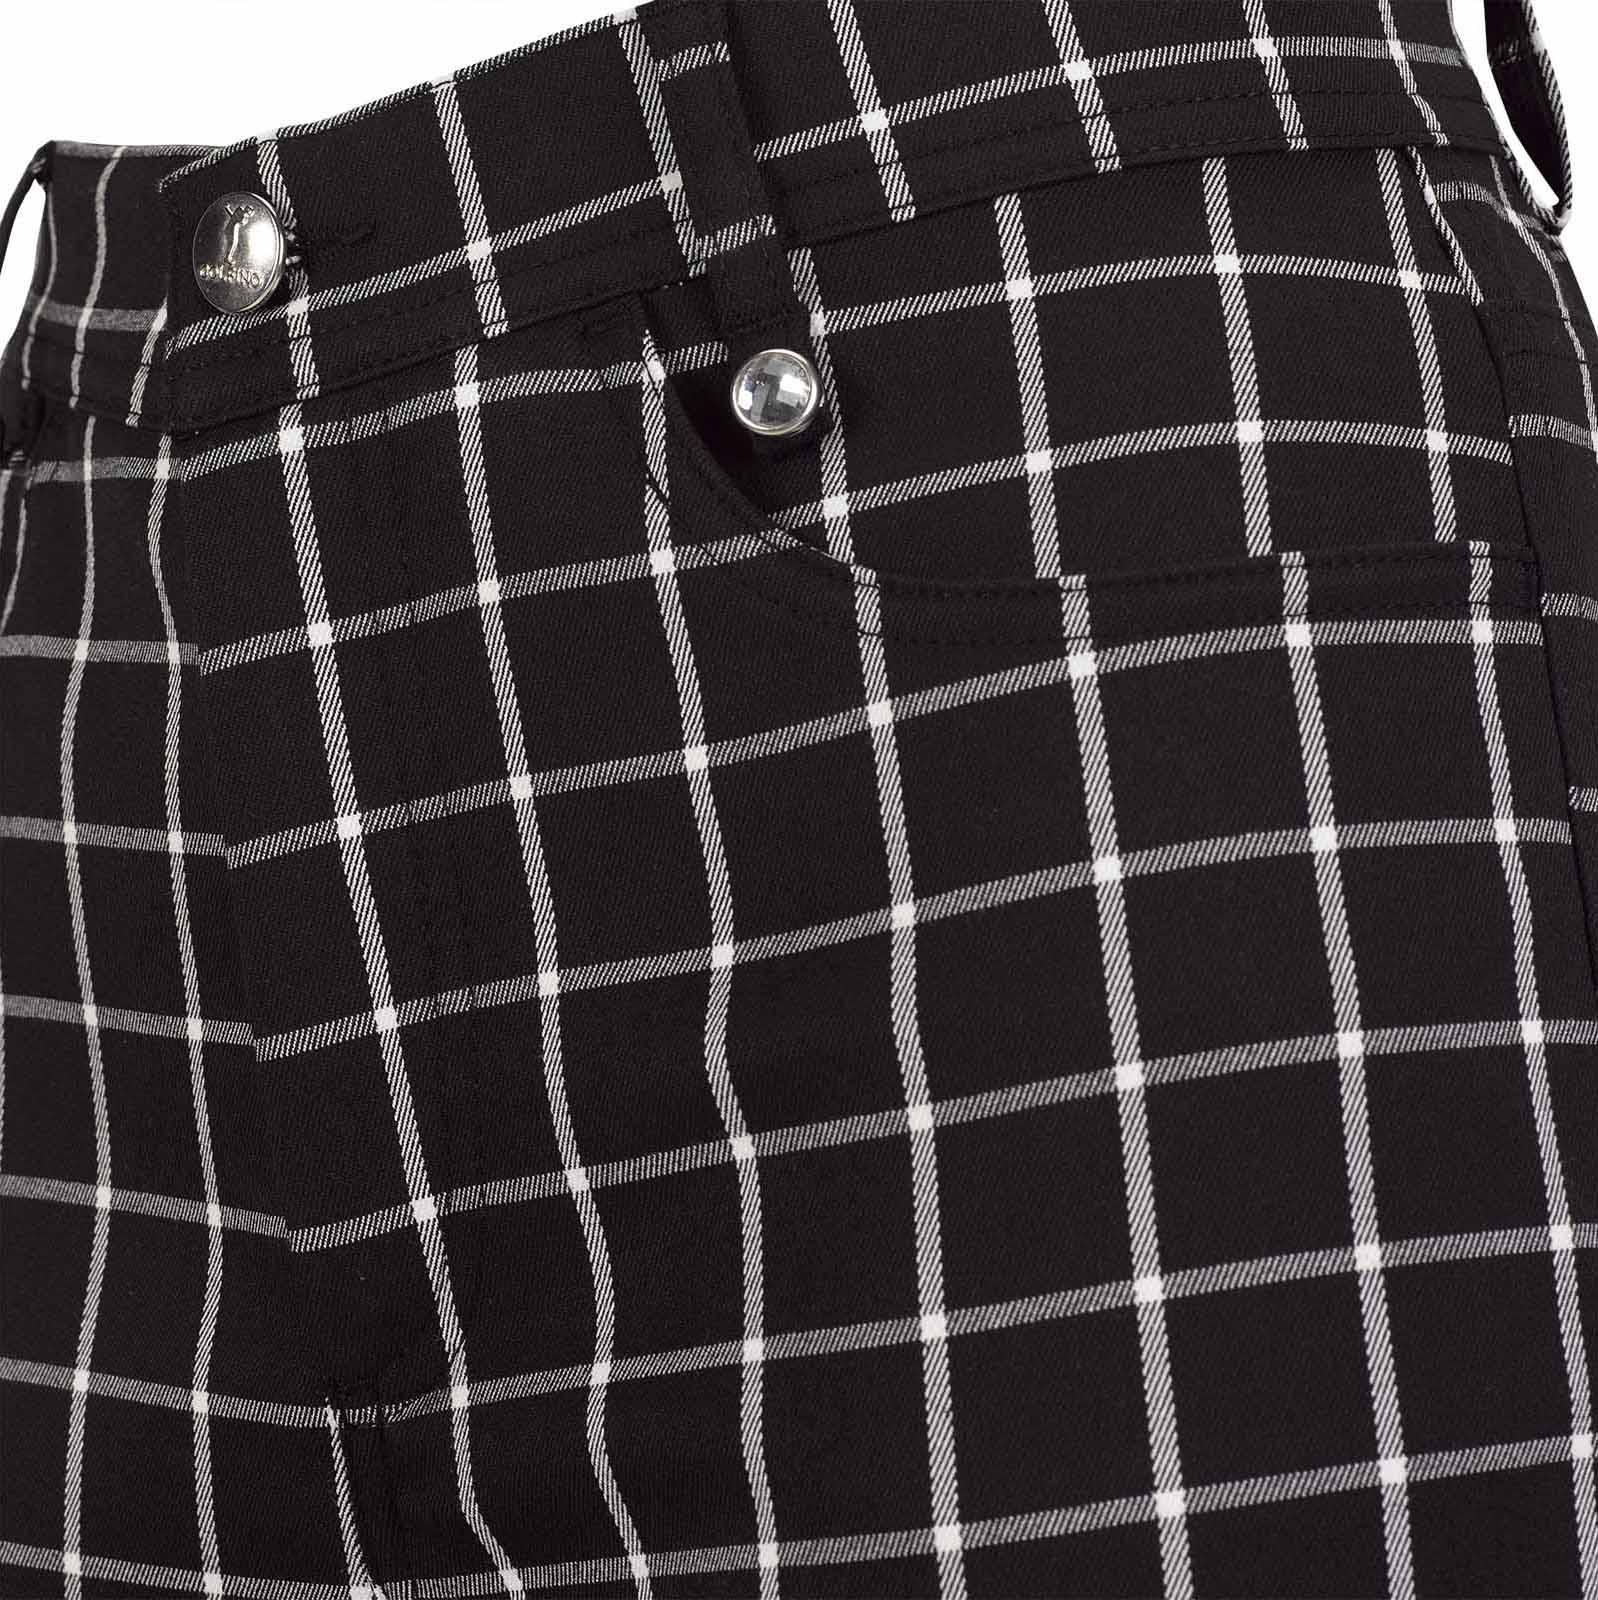 Wasserabweisende 7/8 Damen Karo-Golfhose mit Stretch Funktion